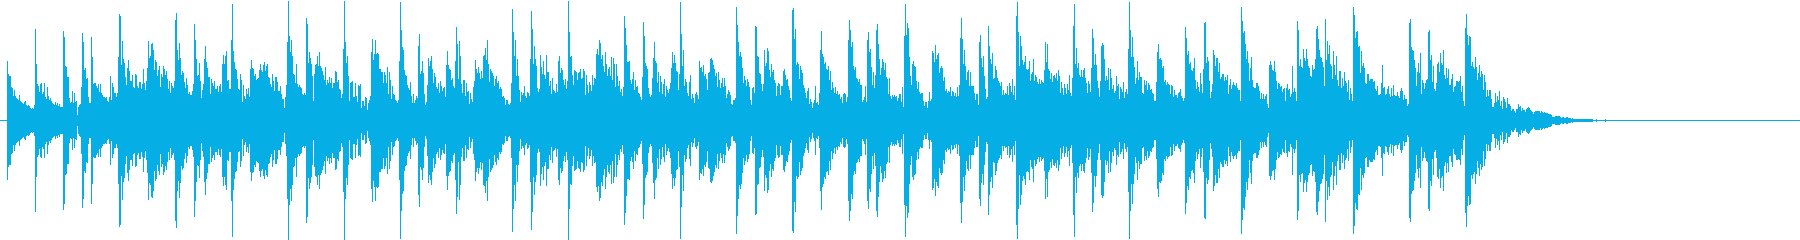 キュートでポップなアコースティックバンドの再生済みの波形